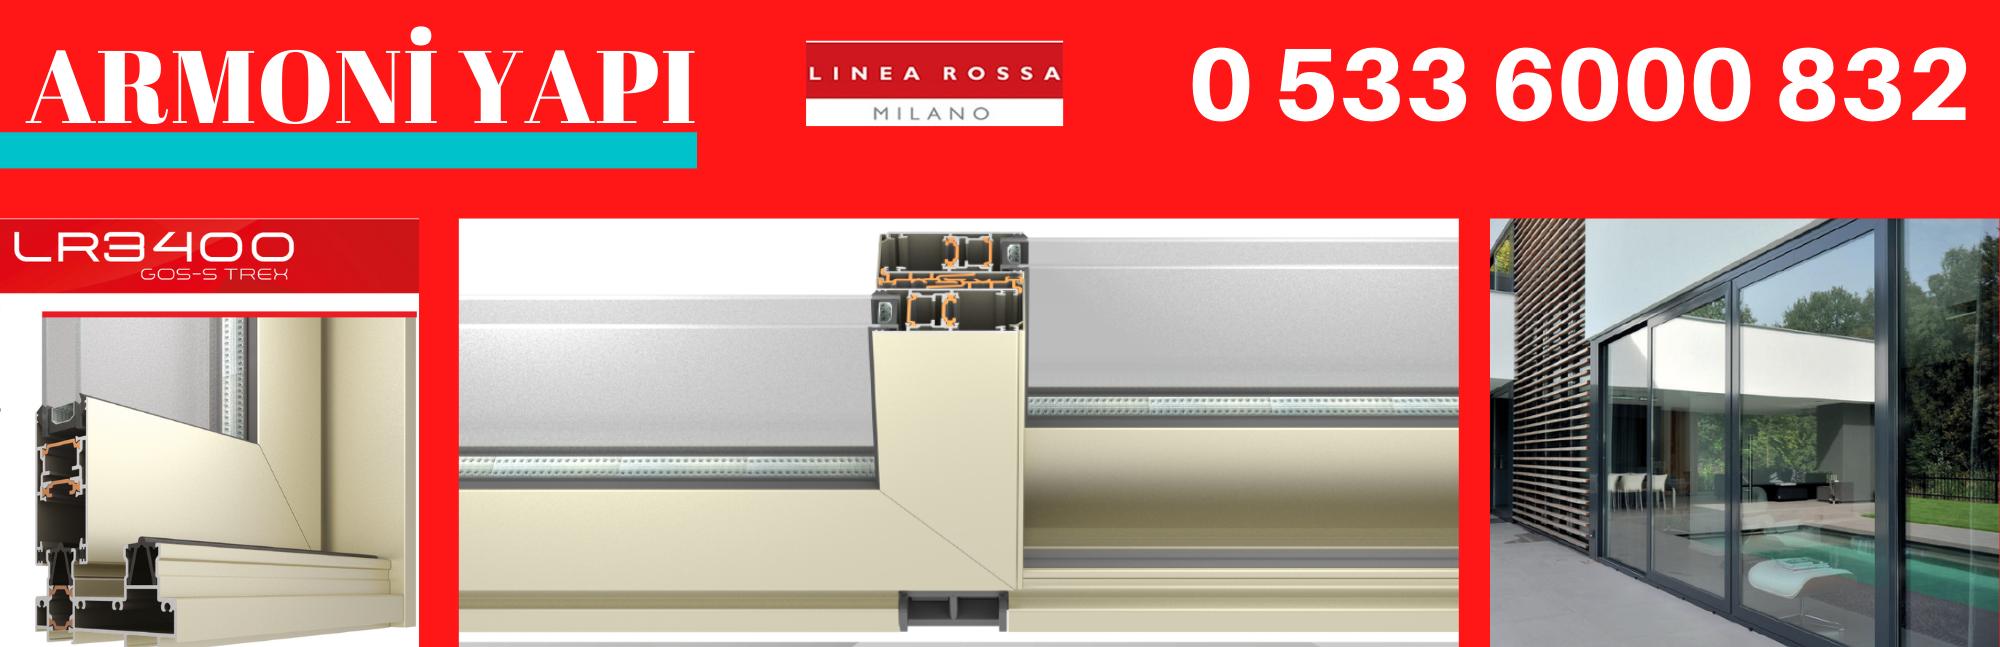 Linea Rossa LR-3400 sürgülü doğrama